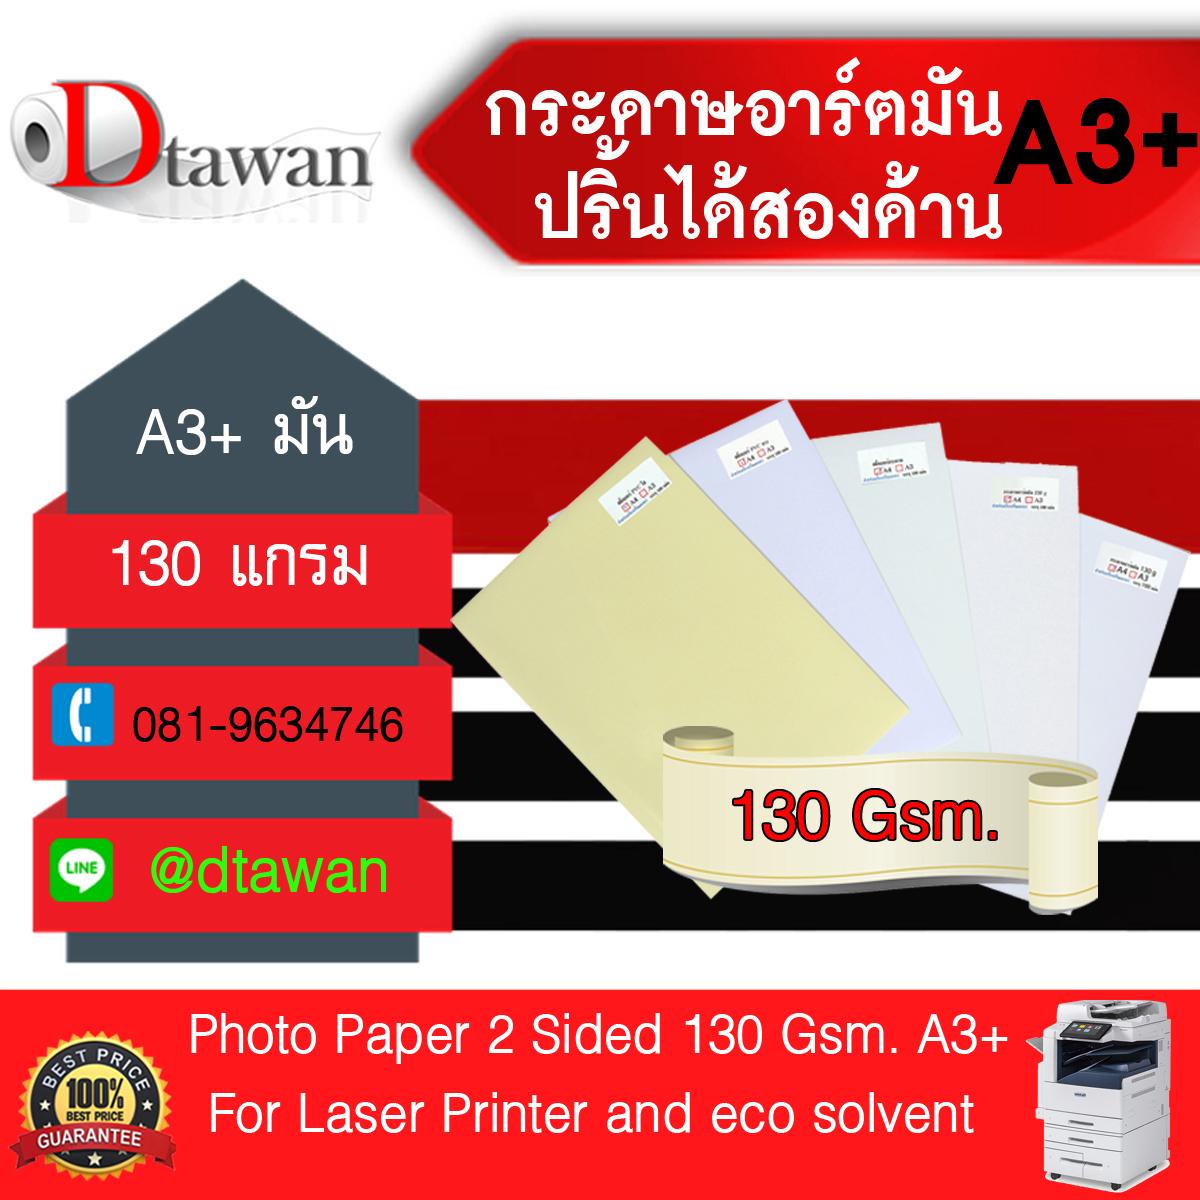 กระดาษอาร์ตมัน 2หน้า 130g (130แกรม) ขนาด A3+ (13x19นิ้ว)